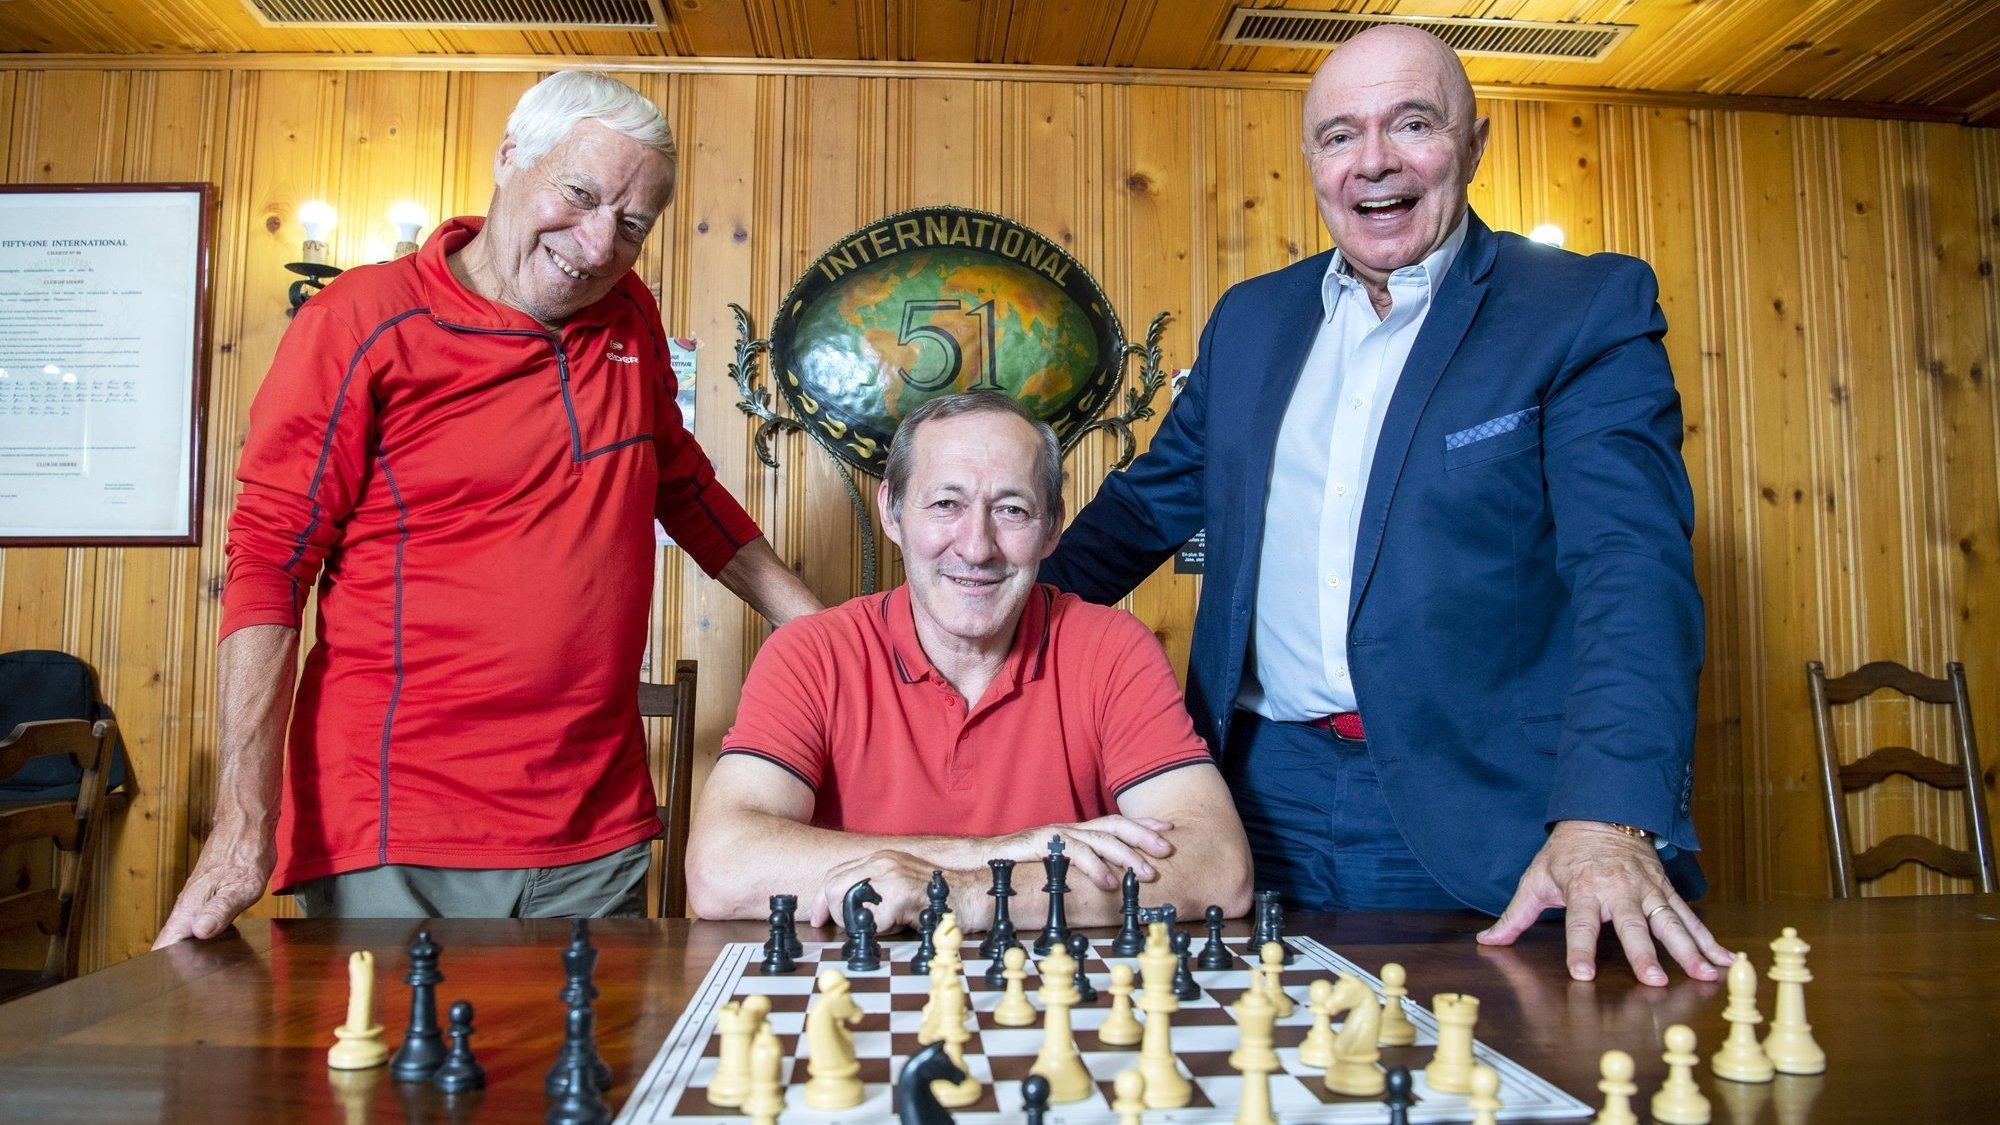 Fernand Pellaton, Milan Bijelic et Alex Günsberg se réjouissent de pouvoir de nouveau déplacer leurs pièces sur l'échiquier face à un adversaire en présentiel.